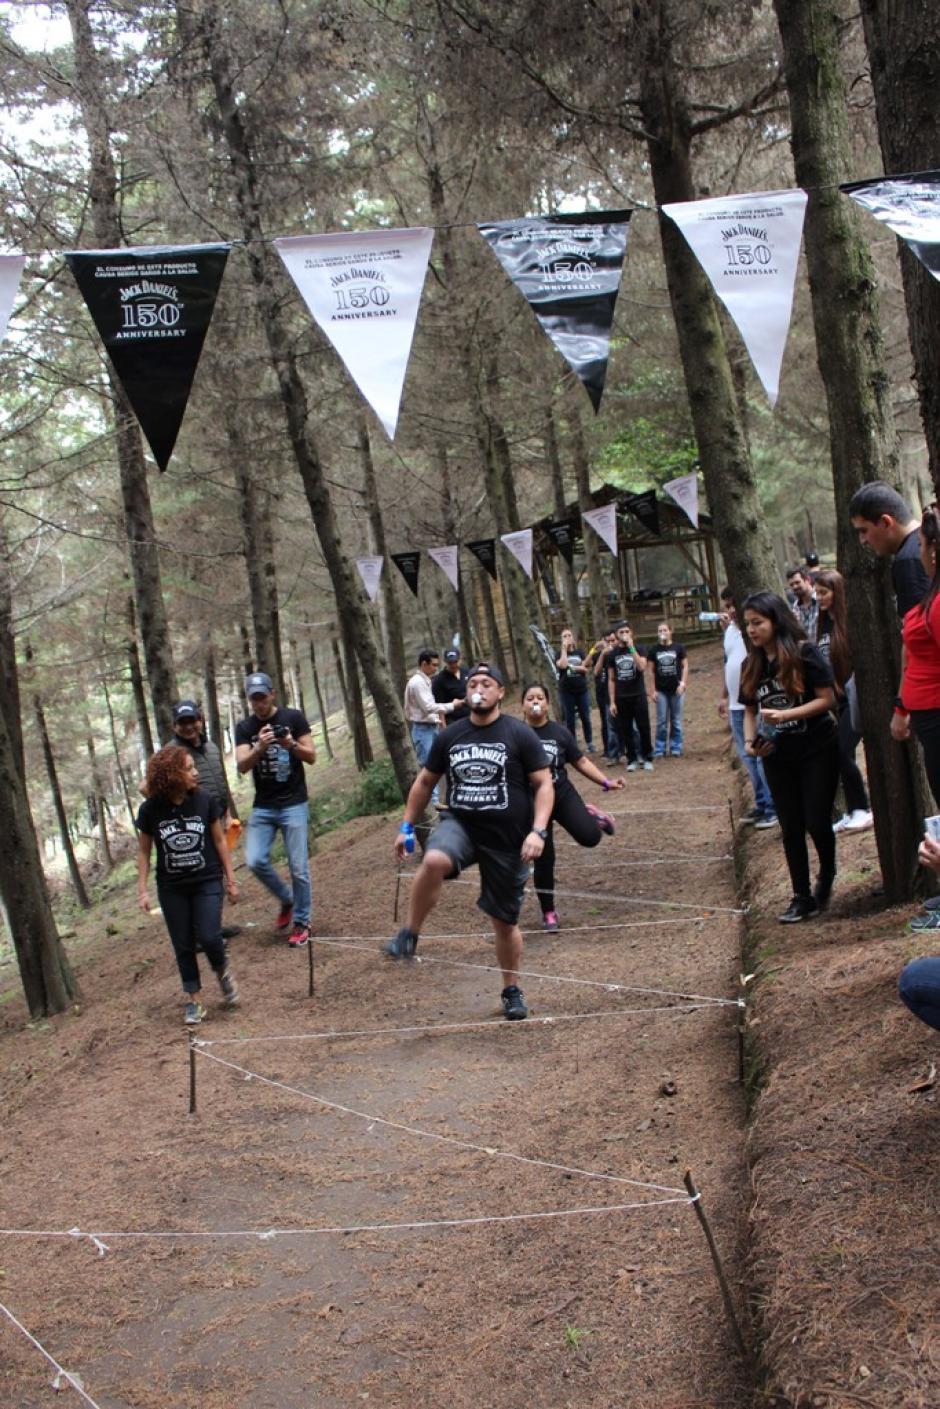 El concurso consistió en un rally de varias etapas para encontrar la auténtica barrica de Jack Daniel's. (Foto: cortesía Jack Daniel´s)